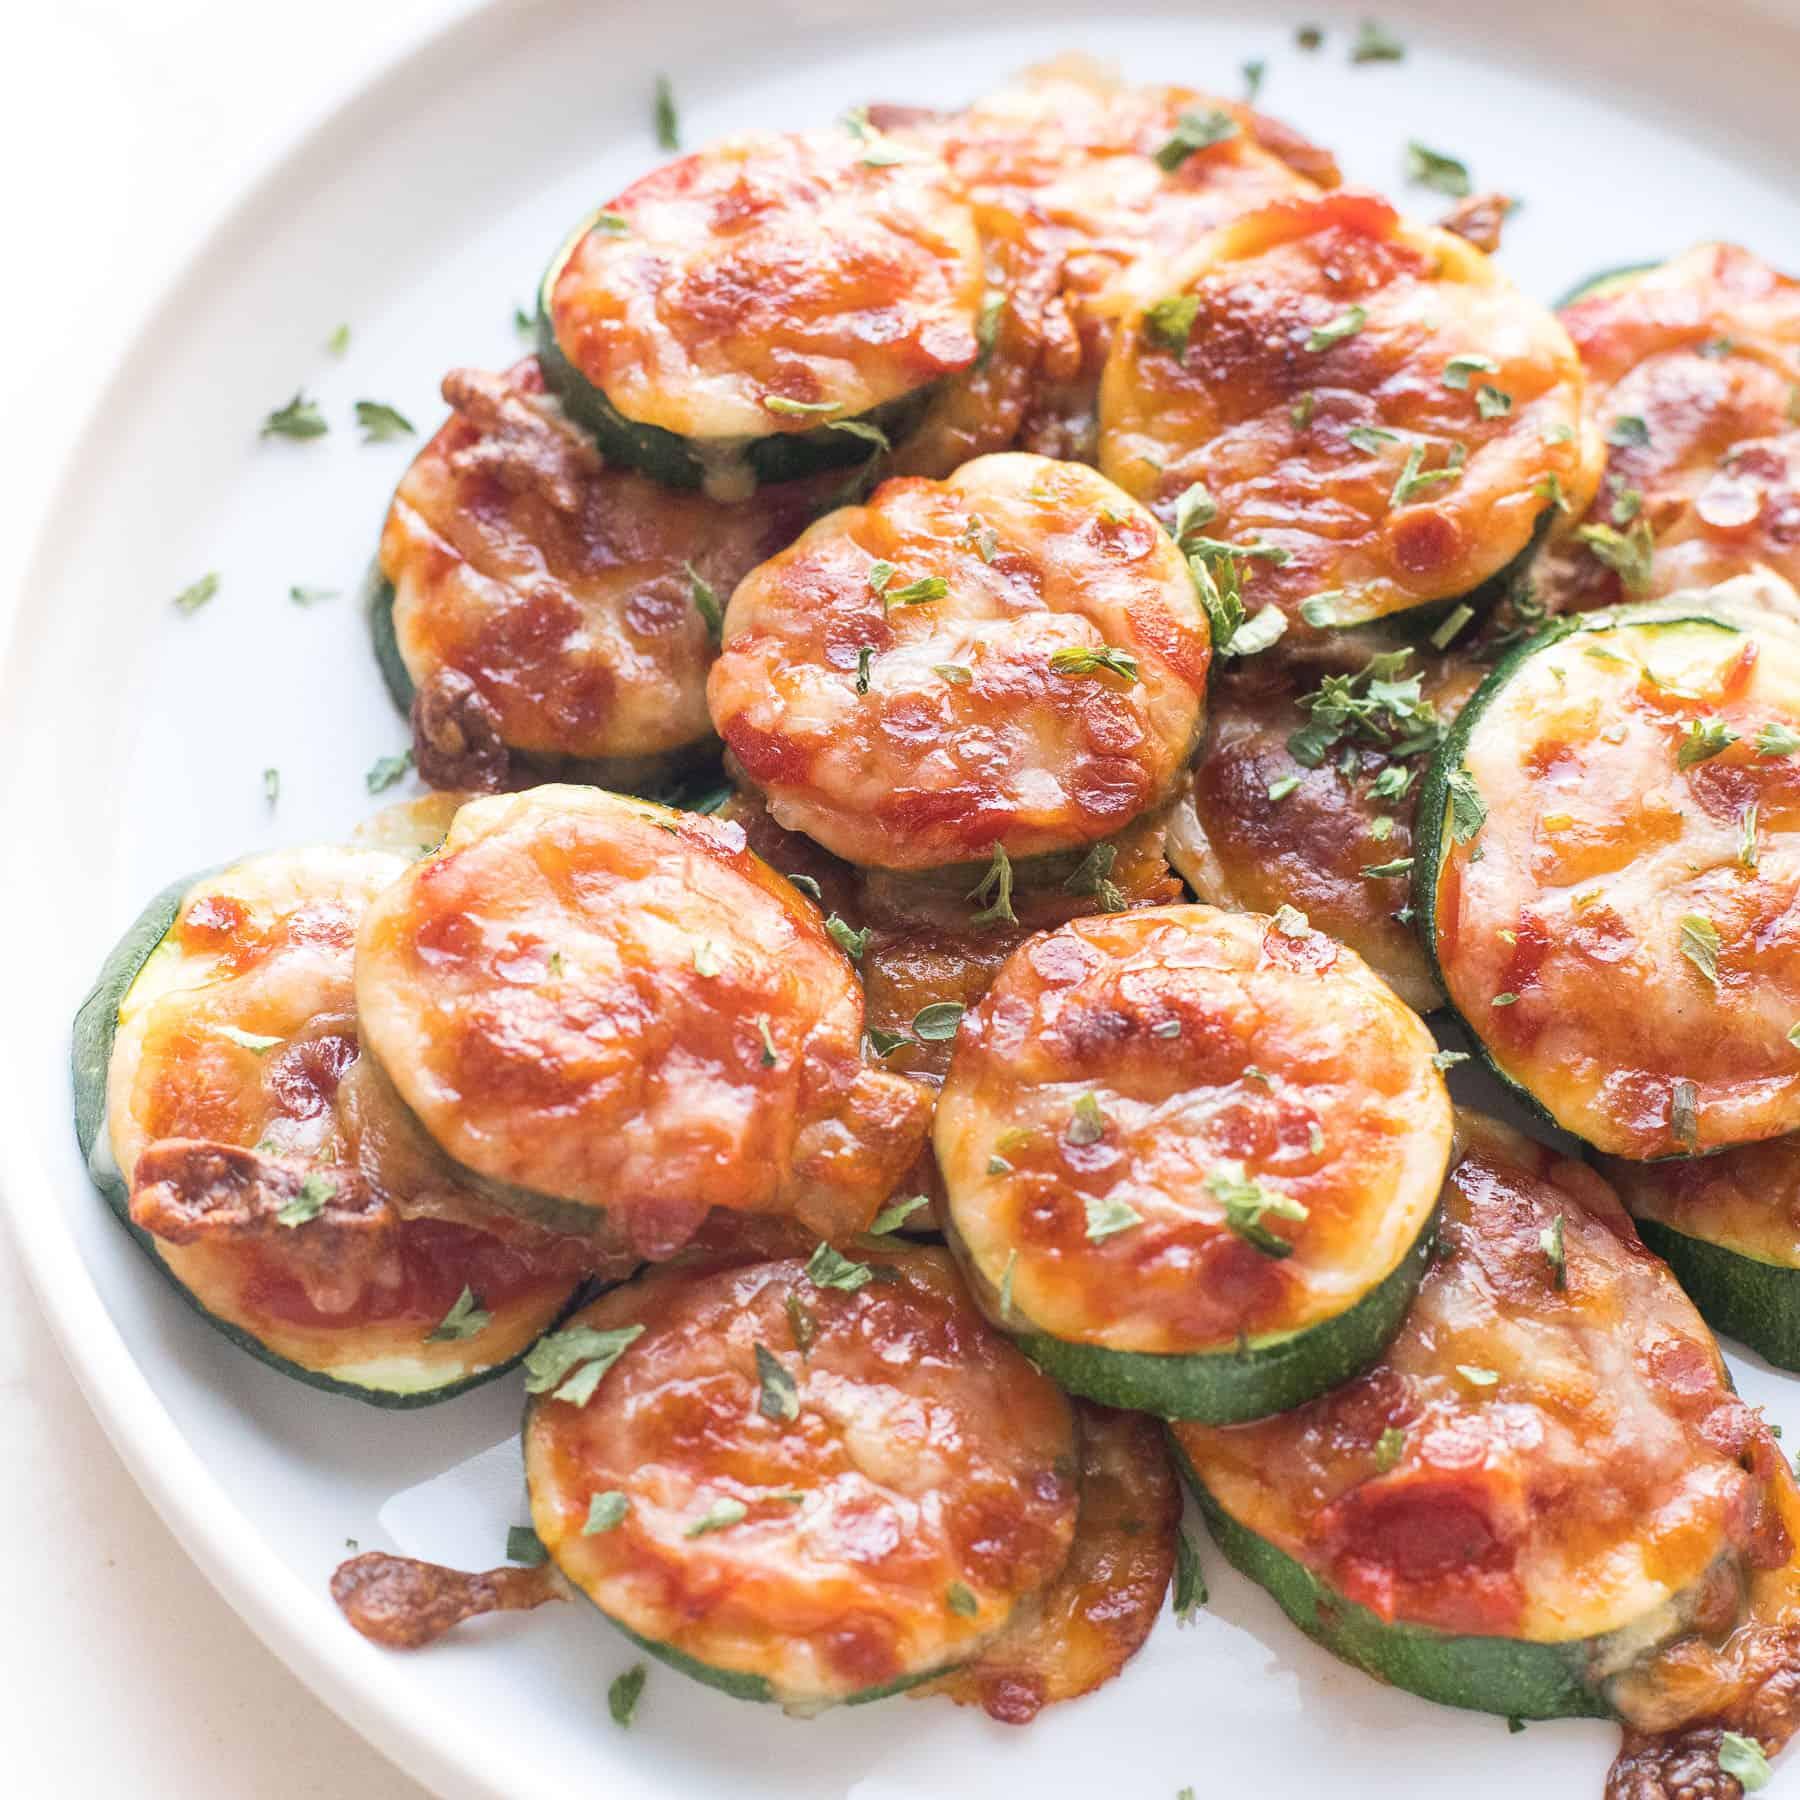 keto mini zucchini pizza bites on a white plate and background